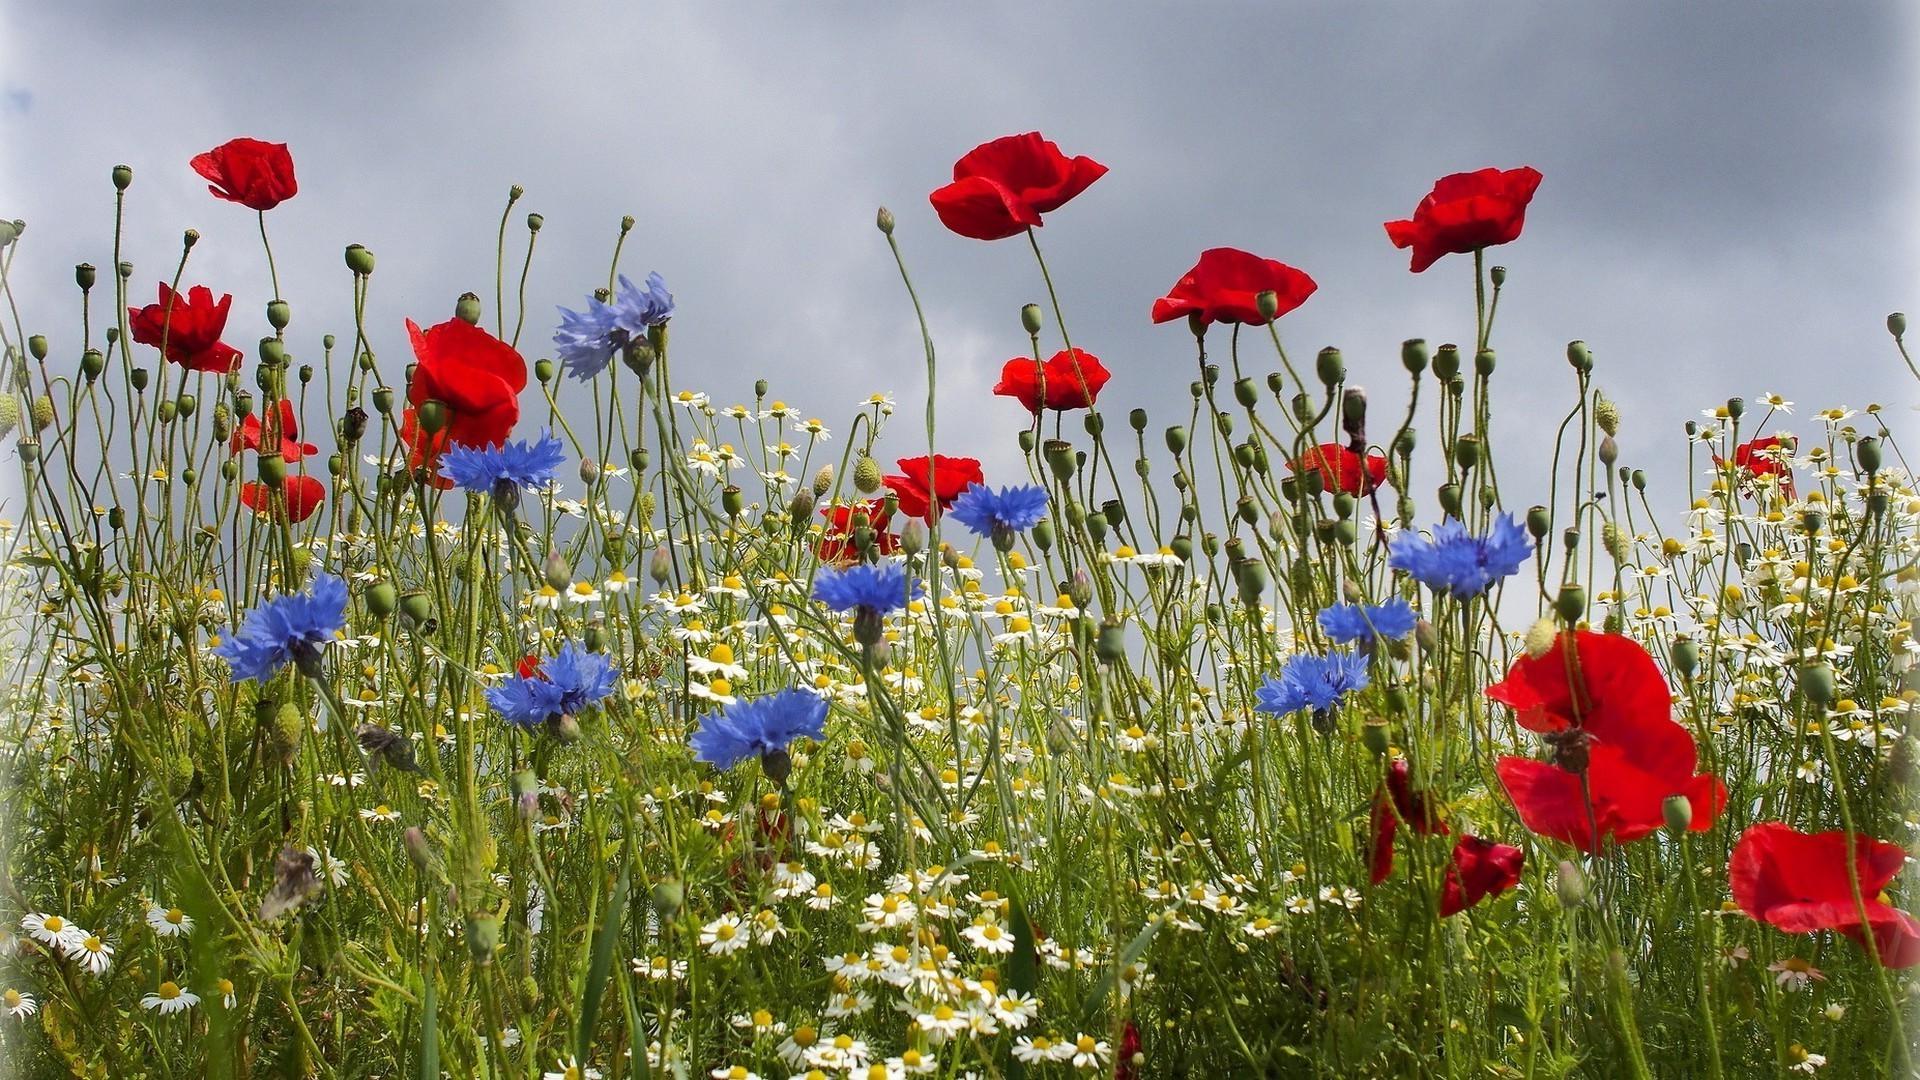 Полевые цветочки в хорошем качестве